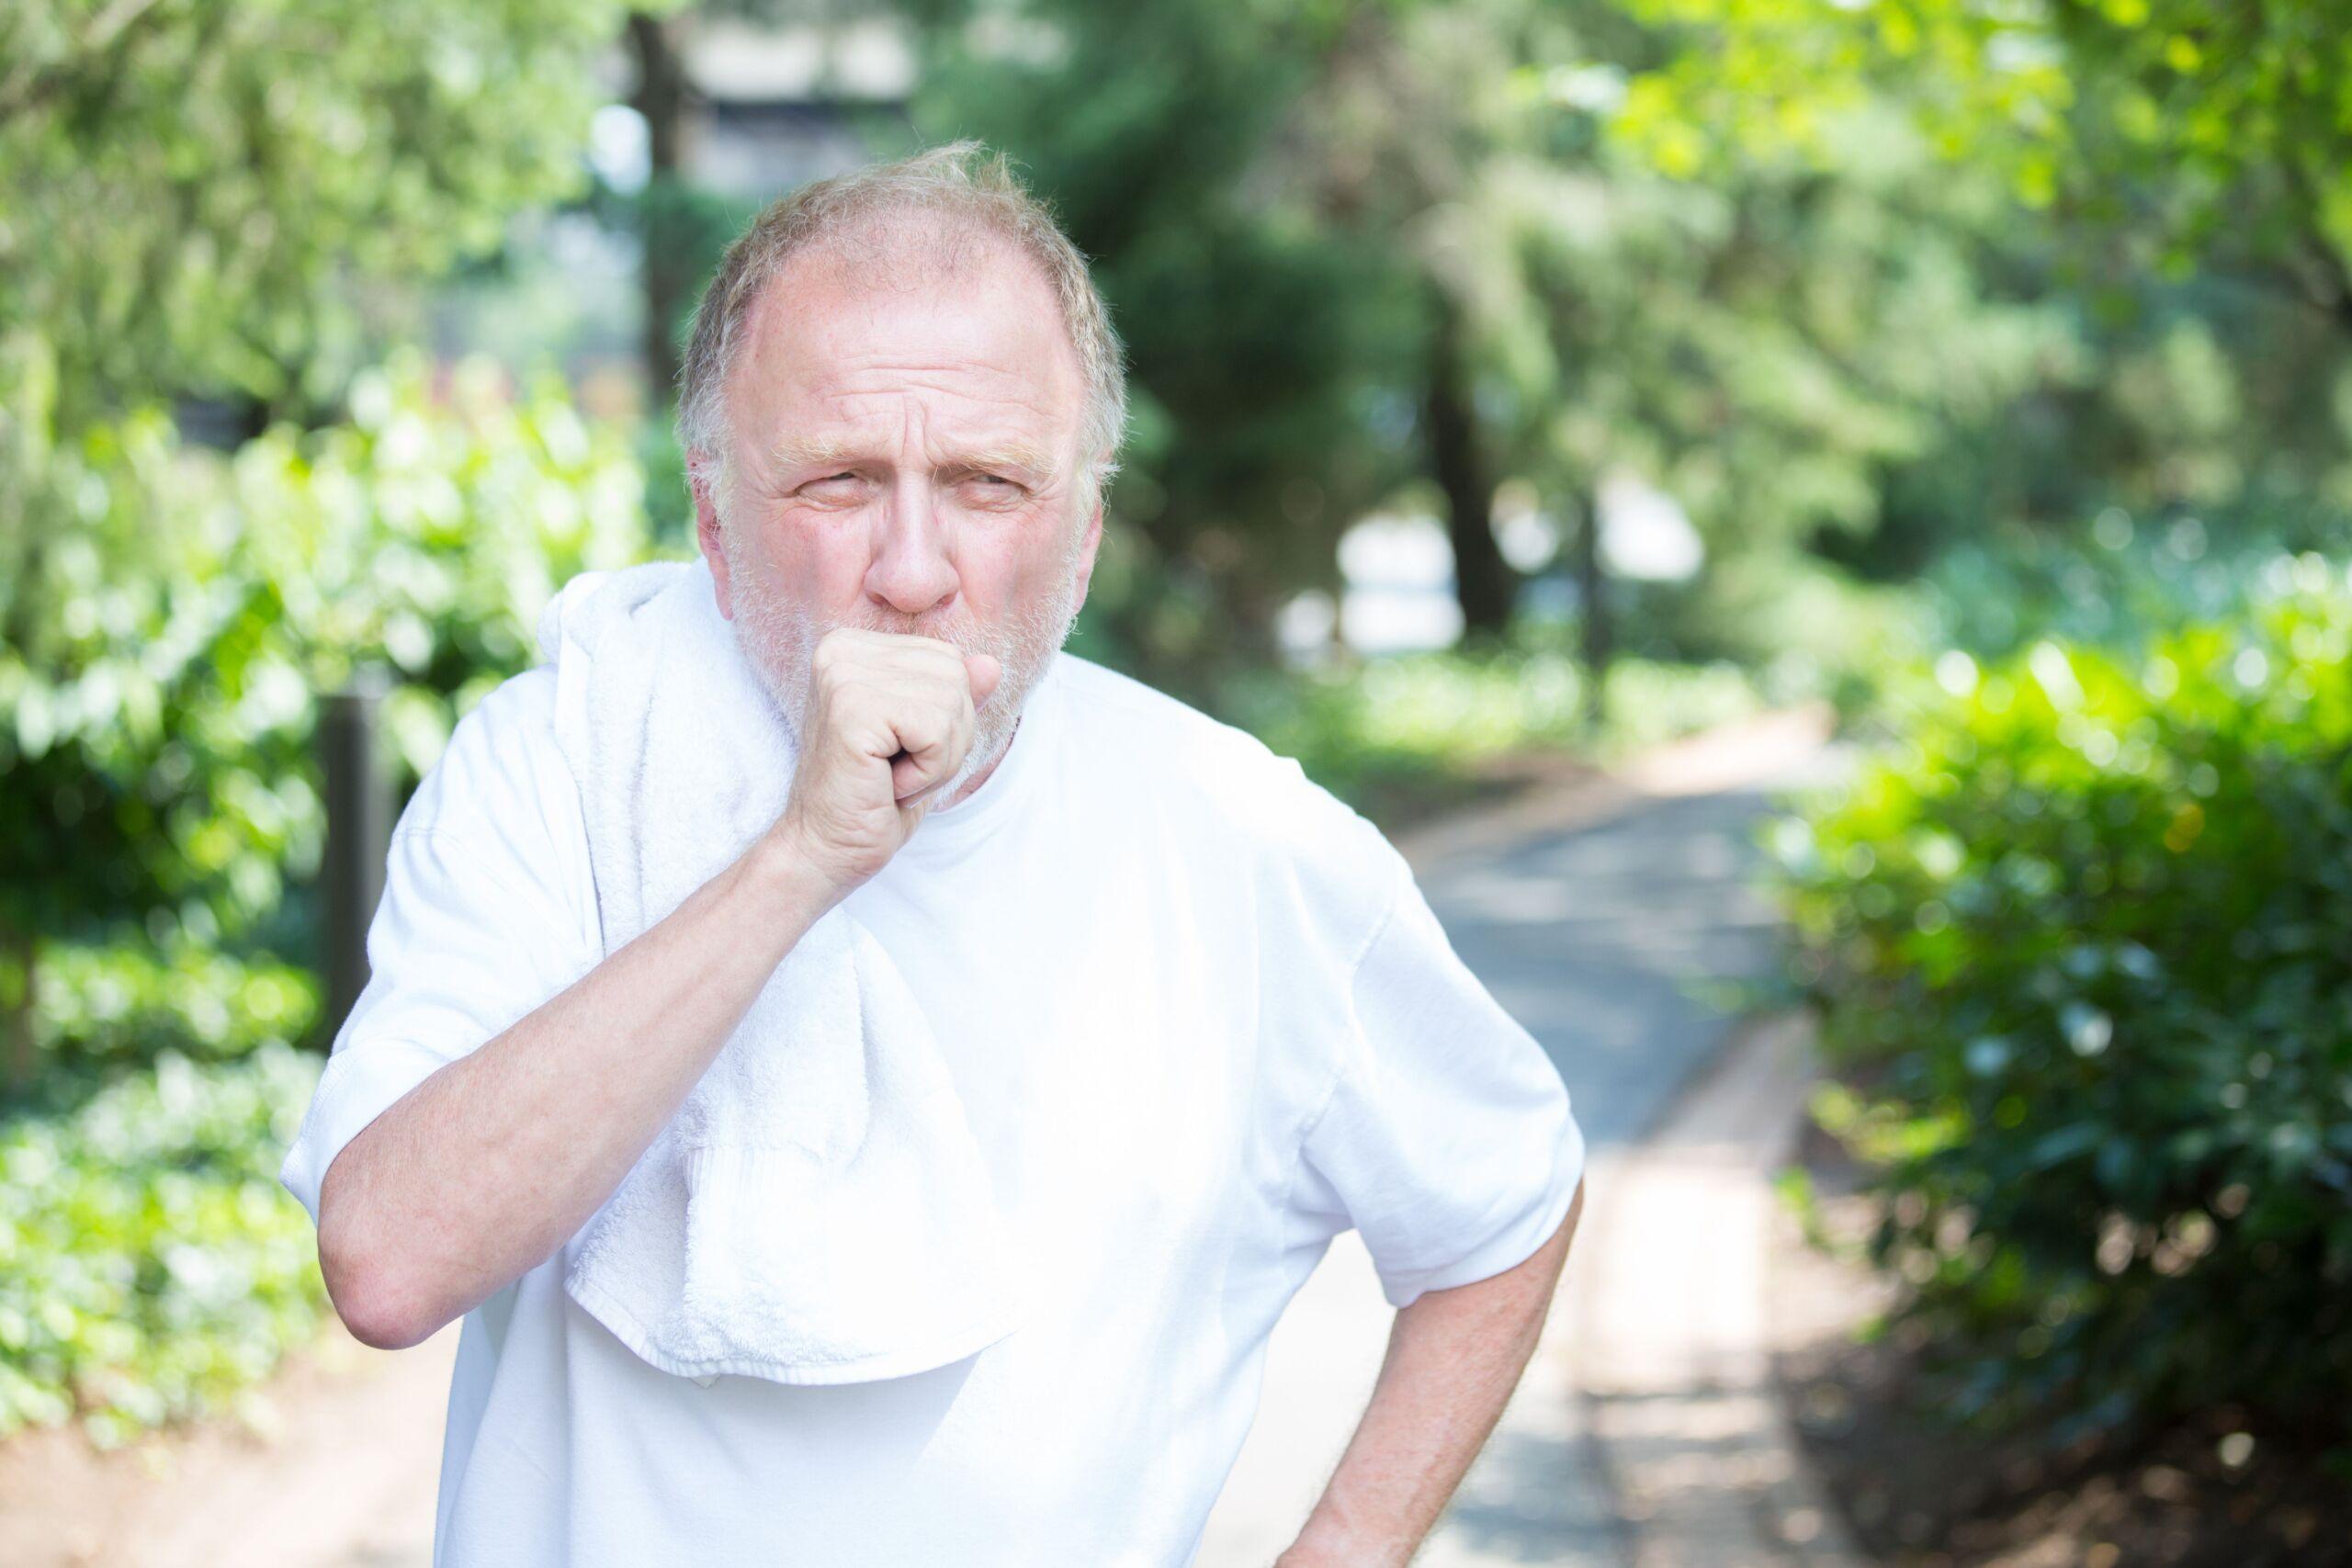 Ein älterer Mann hustet in einem Park in seine Hand